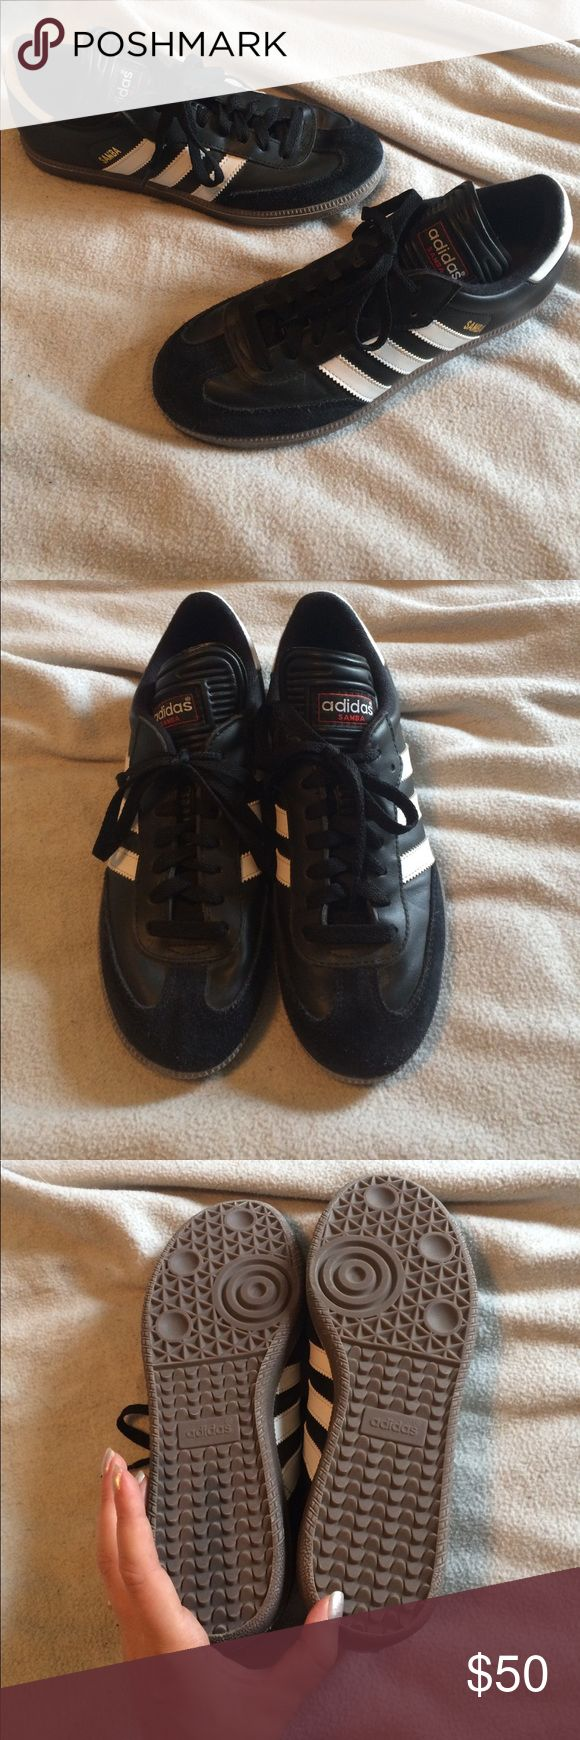 NWOB adidas Samba Shoes women's 8.5/men's 7.5 Adidas Samba shoes. New without box! Black and white classic shoes! Easily unisex. Men's size 7.5 and women's size 8.5! adidas Shoes Athletic Shoes